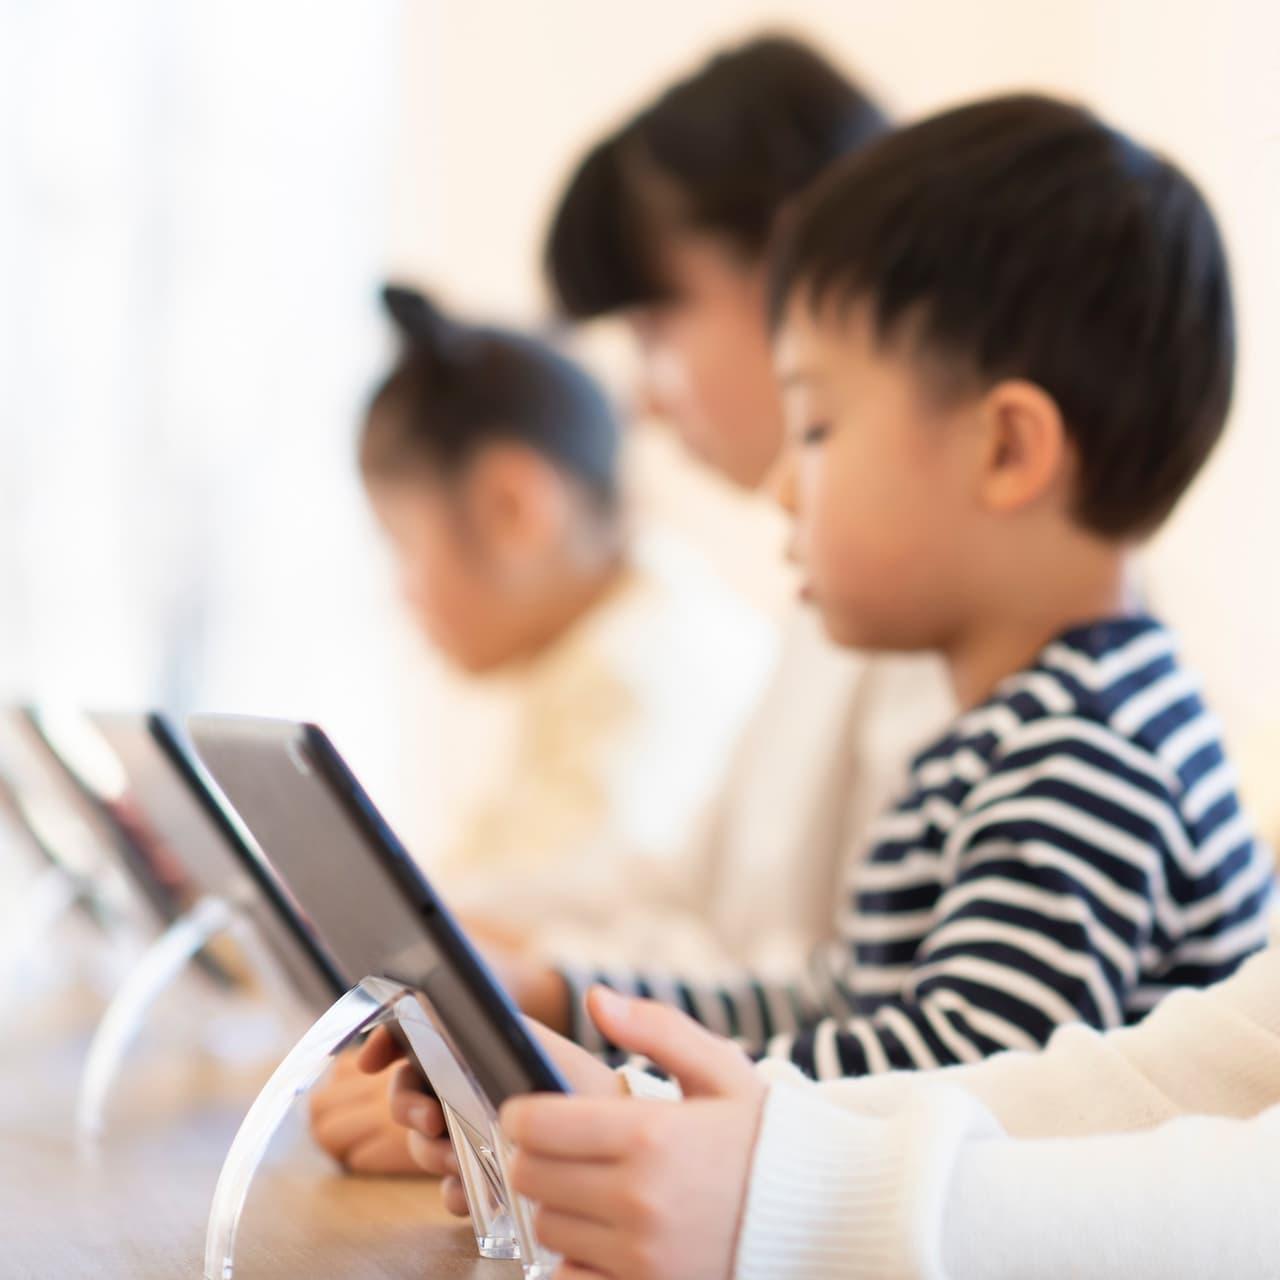 【教育×デジタル】1人1台の端末支給によって、教育現場はどこに向かうのか